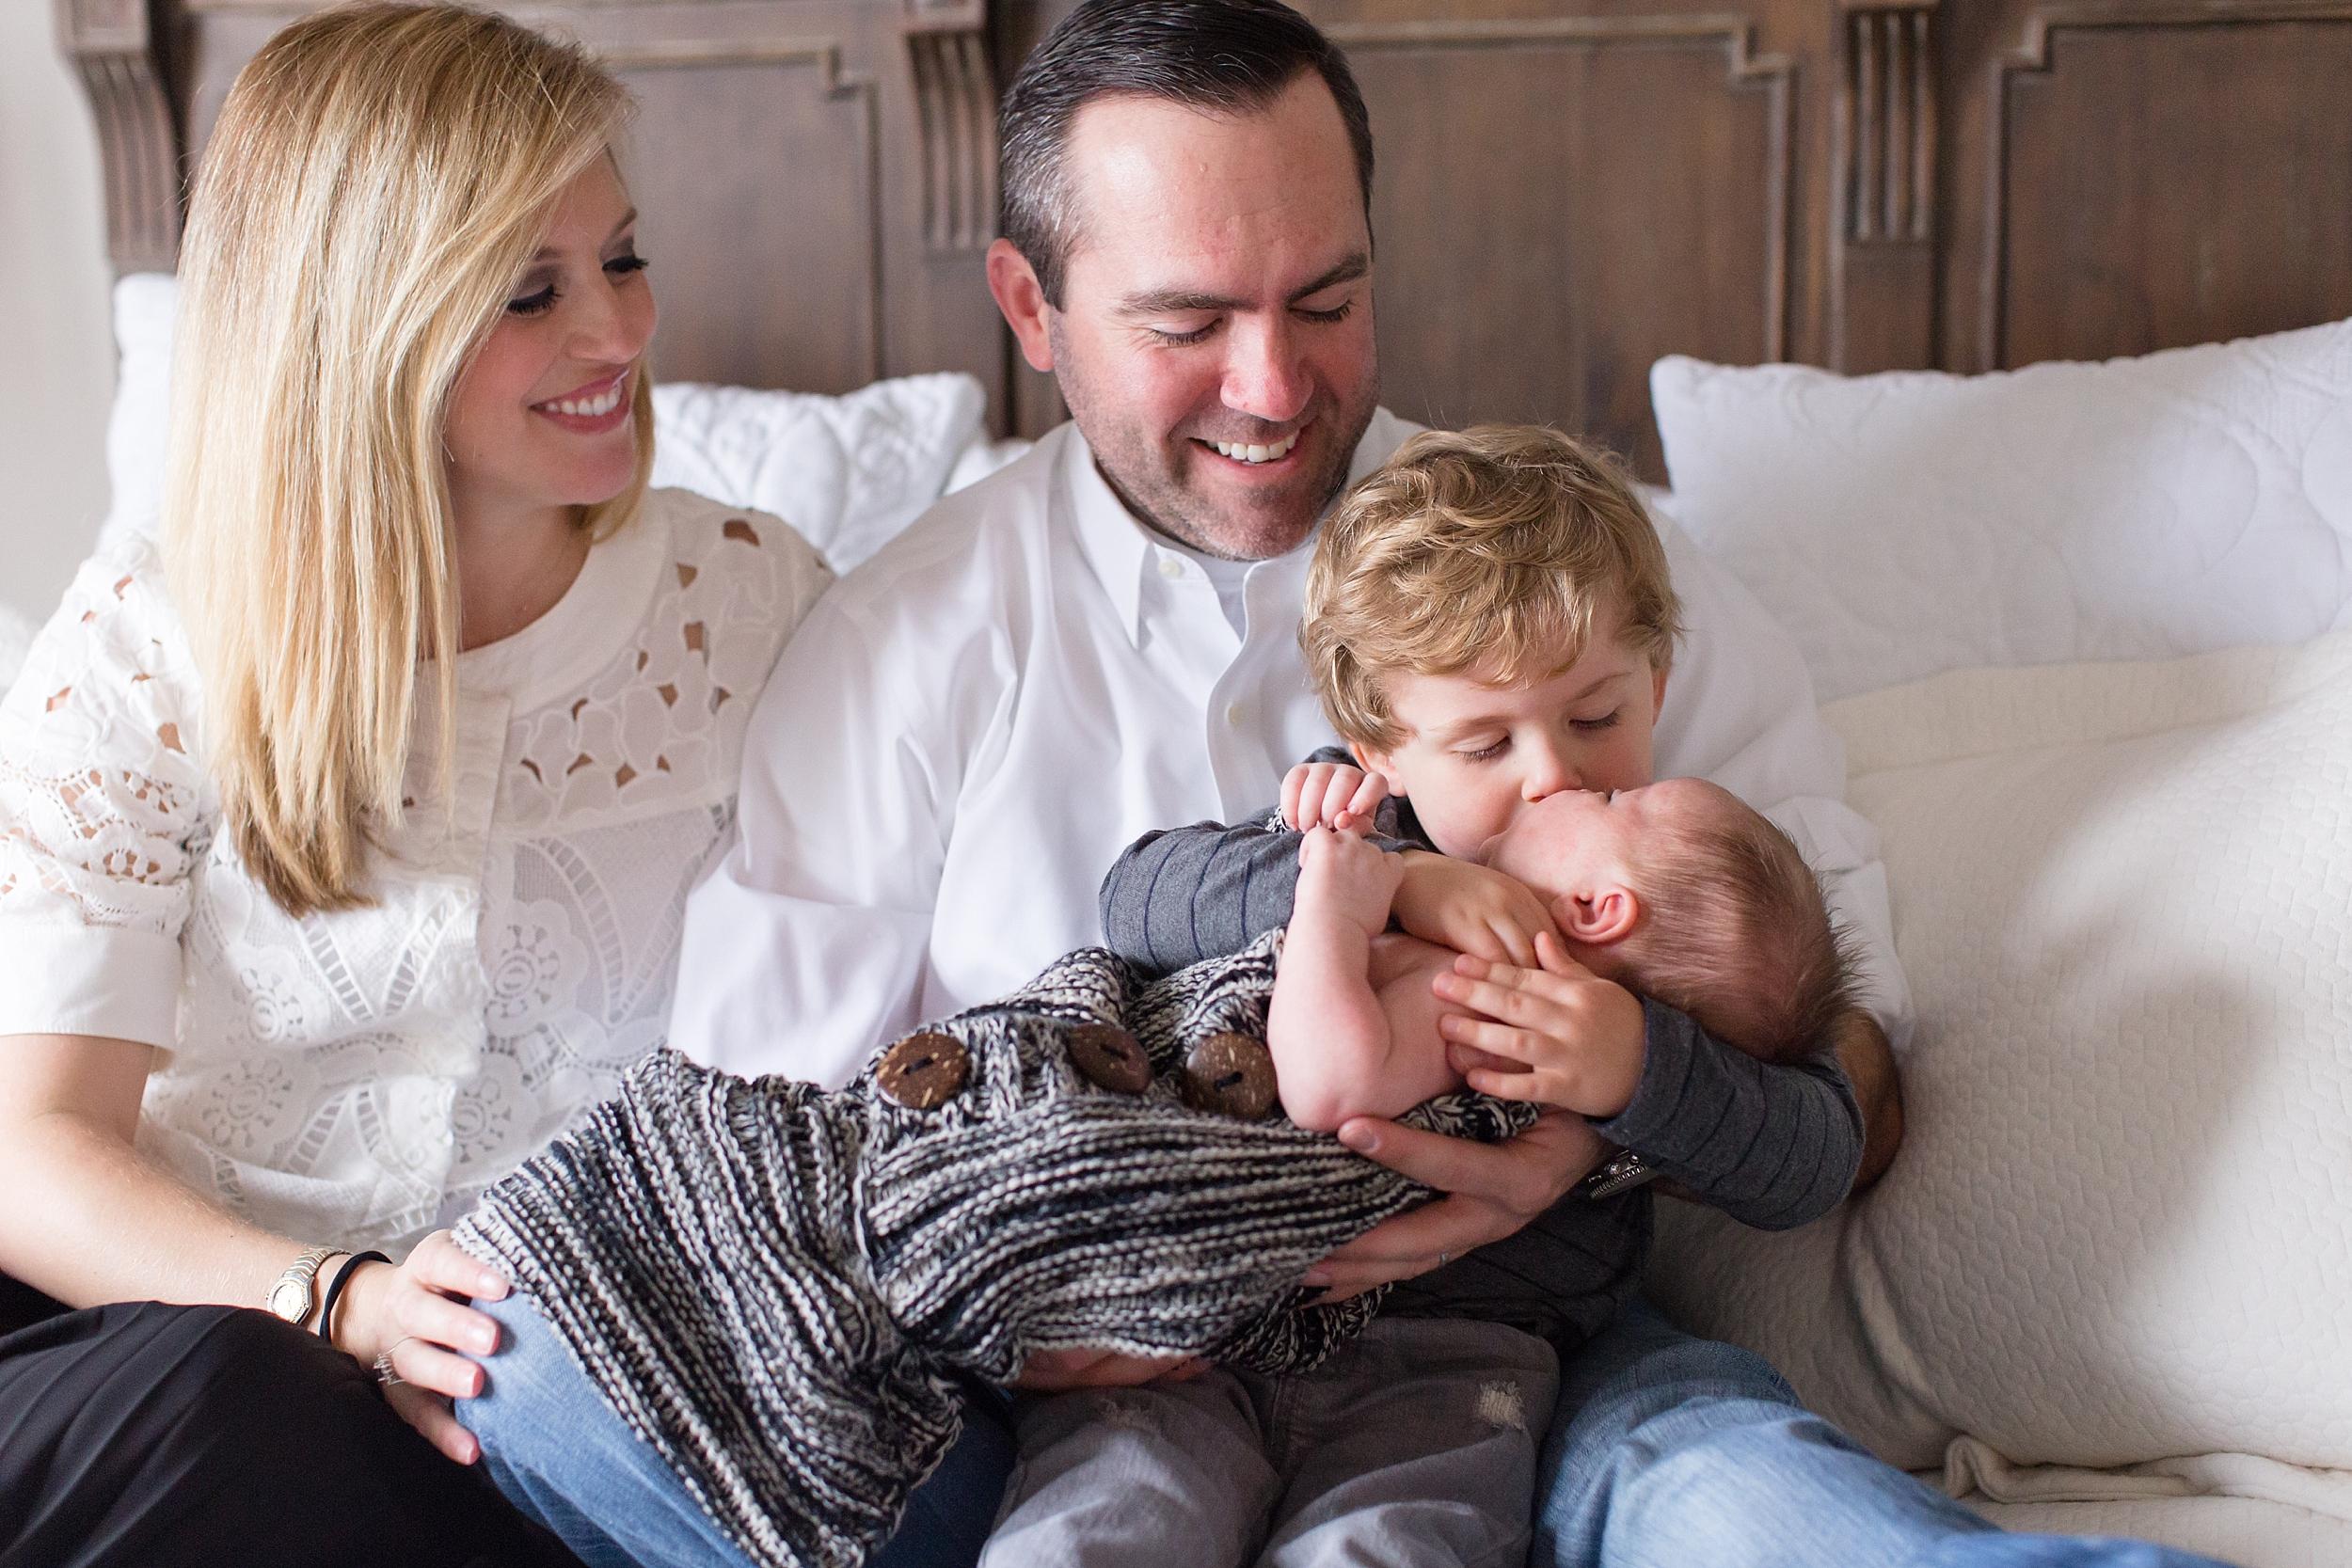 Landon-Schneider-Photography-Liverance-Newborn-Session-McKinney-Texas_0005.jpg